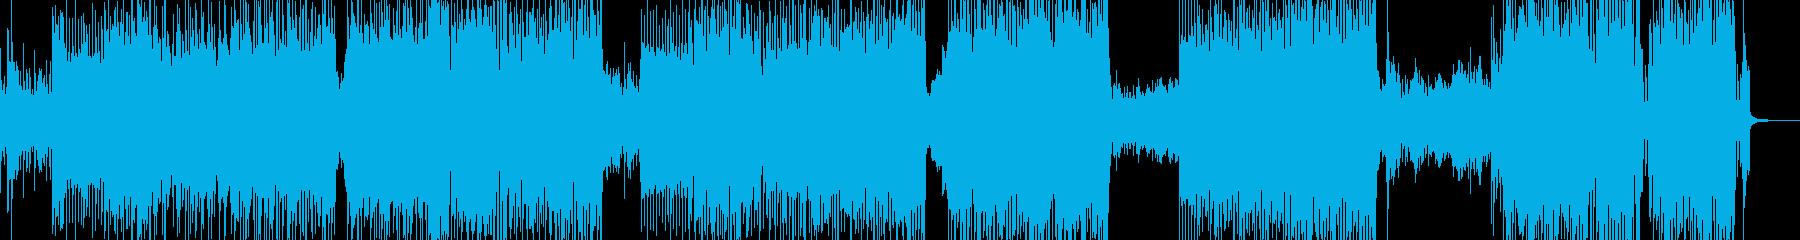 可愛く弾けるアニメ調ロック B2の再生済みの波形